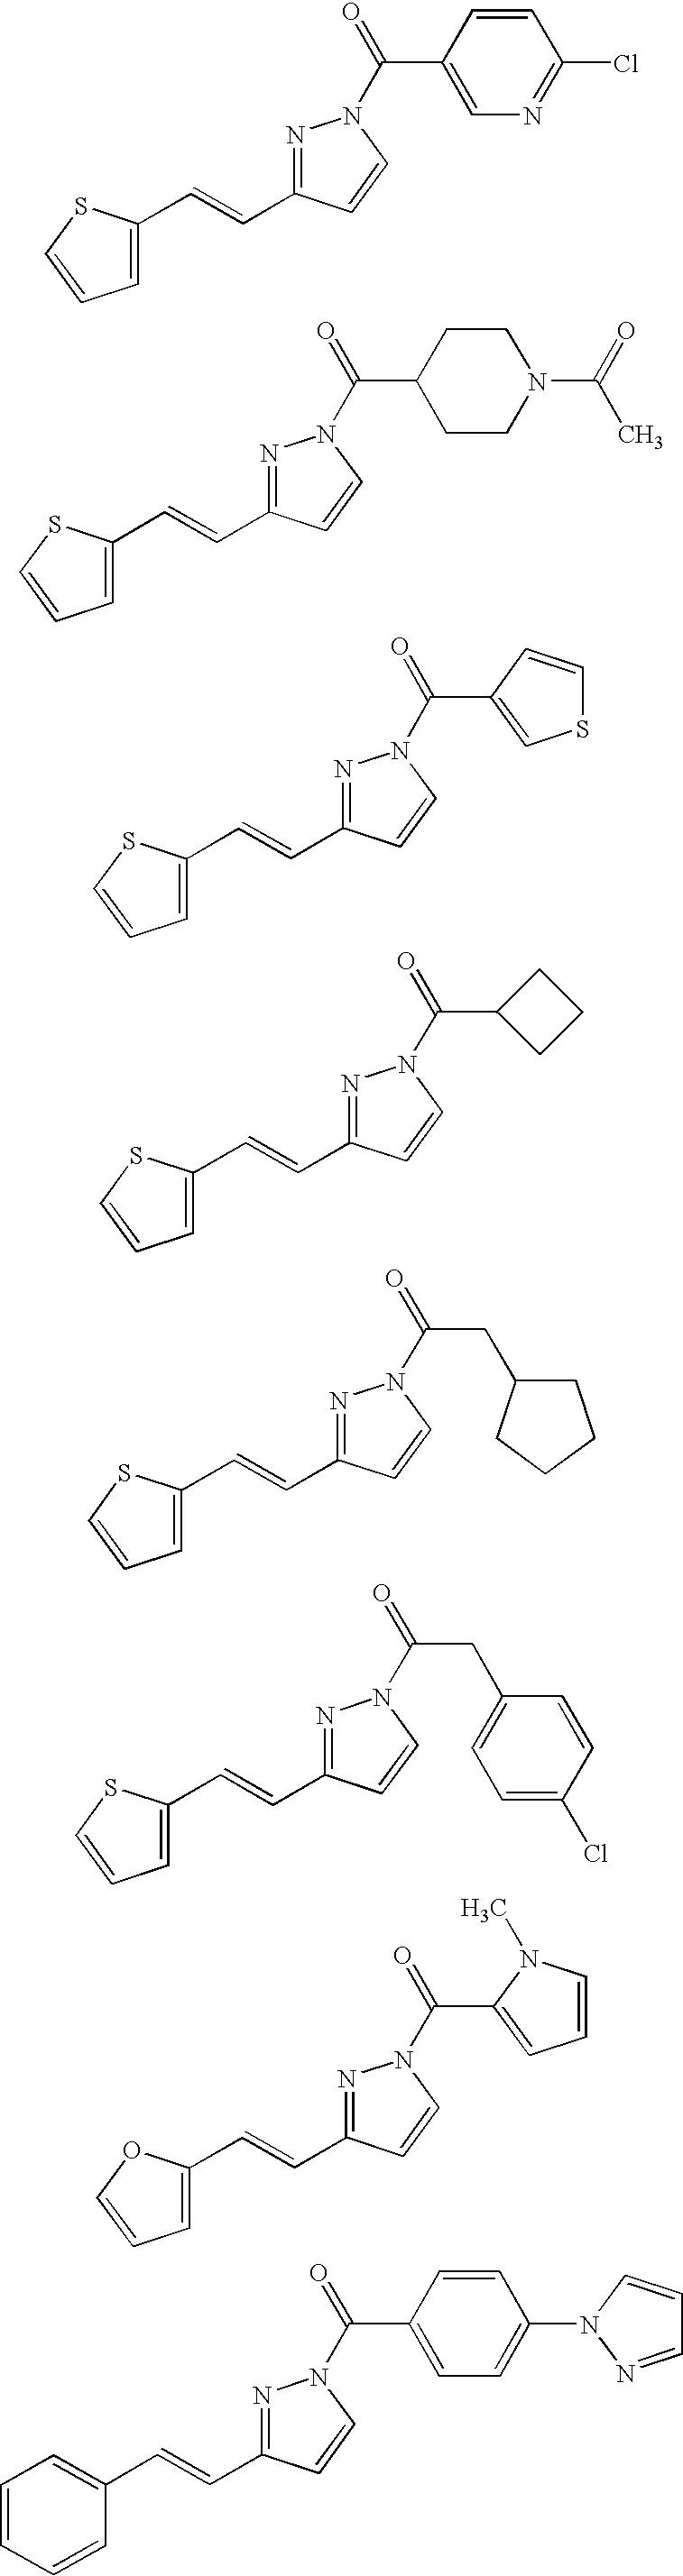 Figure US07192976-20070320-C00070